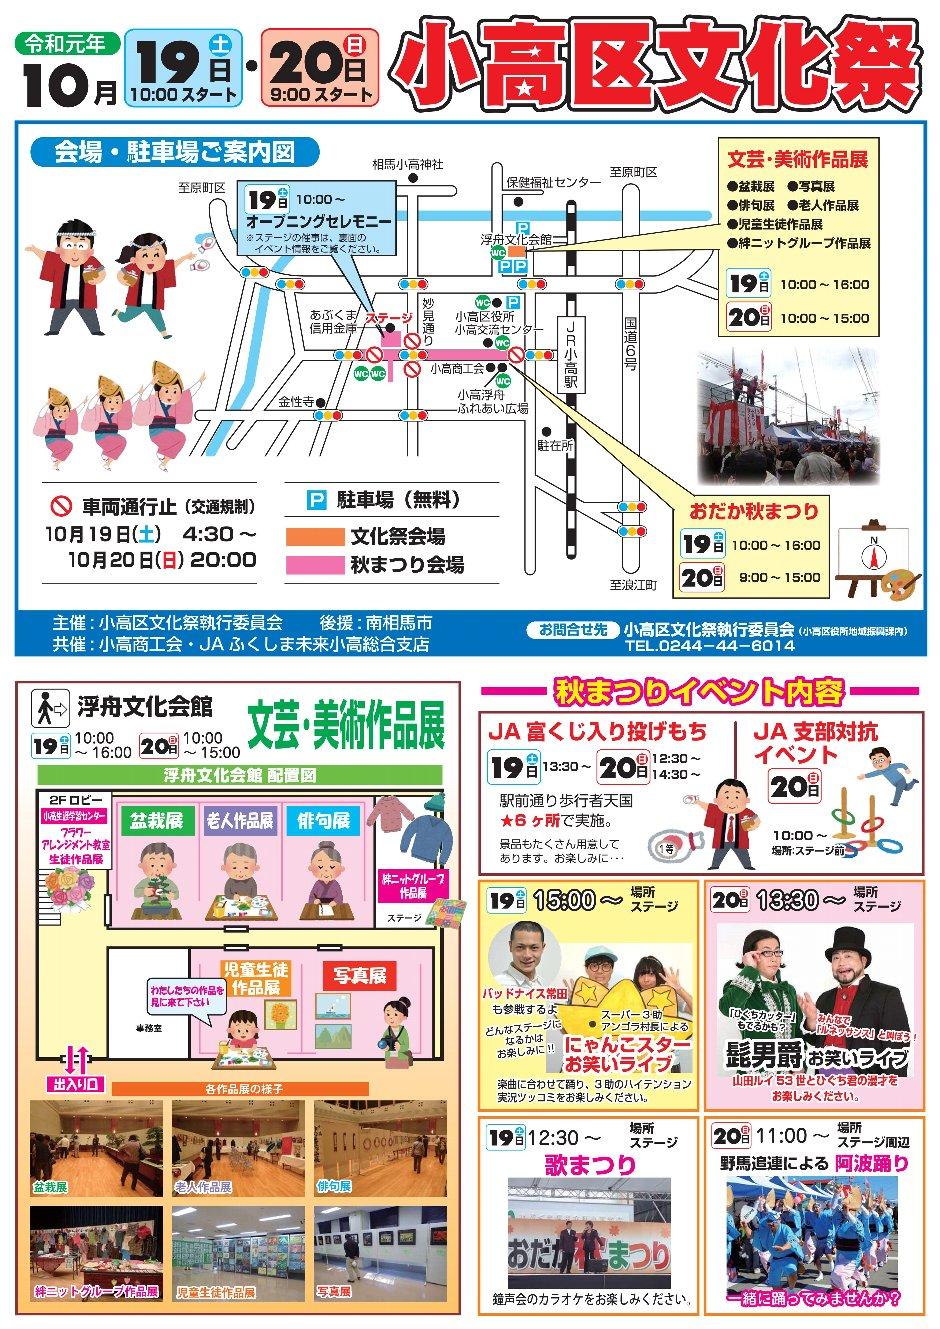 2019.10.19、20小高区文化祭・おだか秋まつり